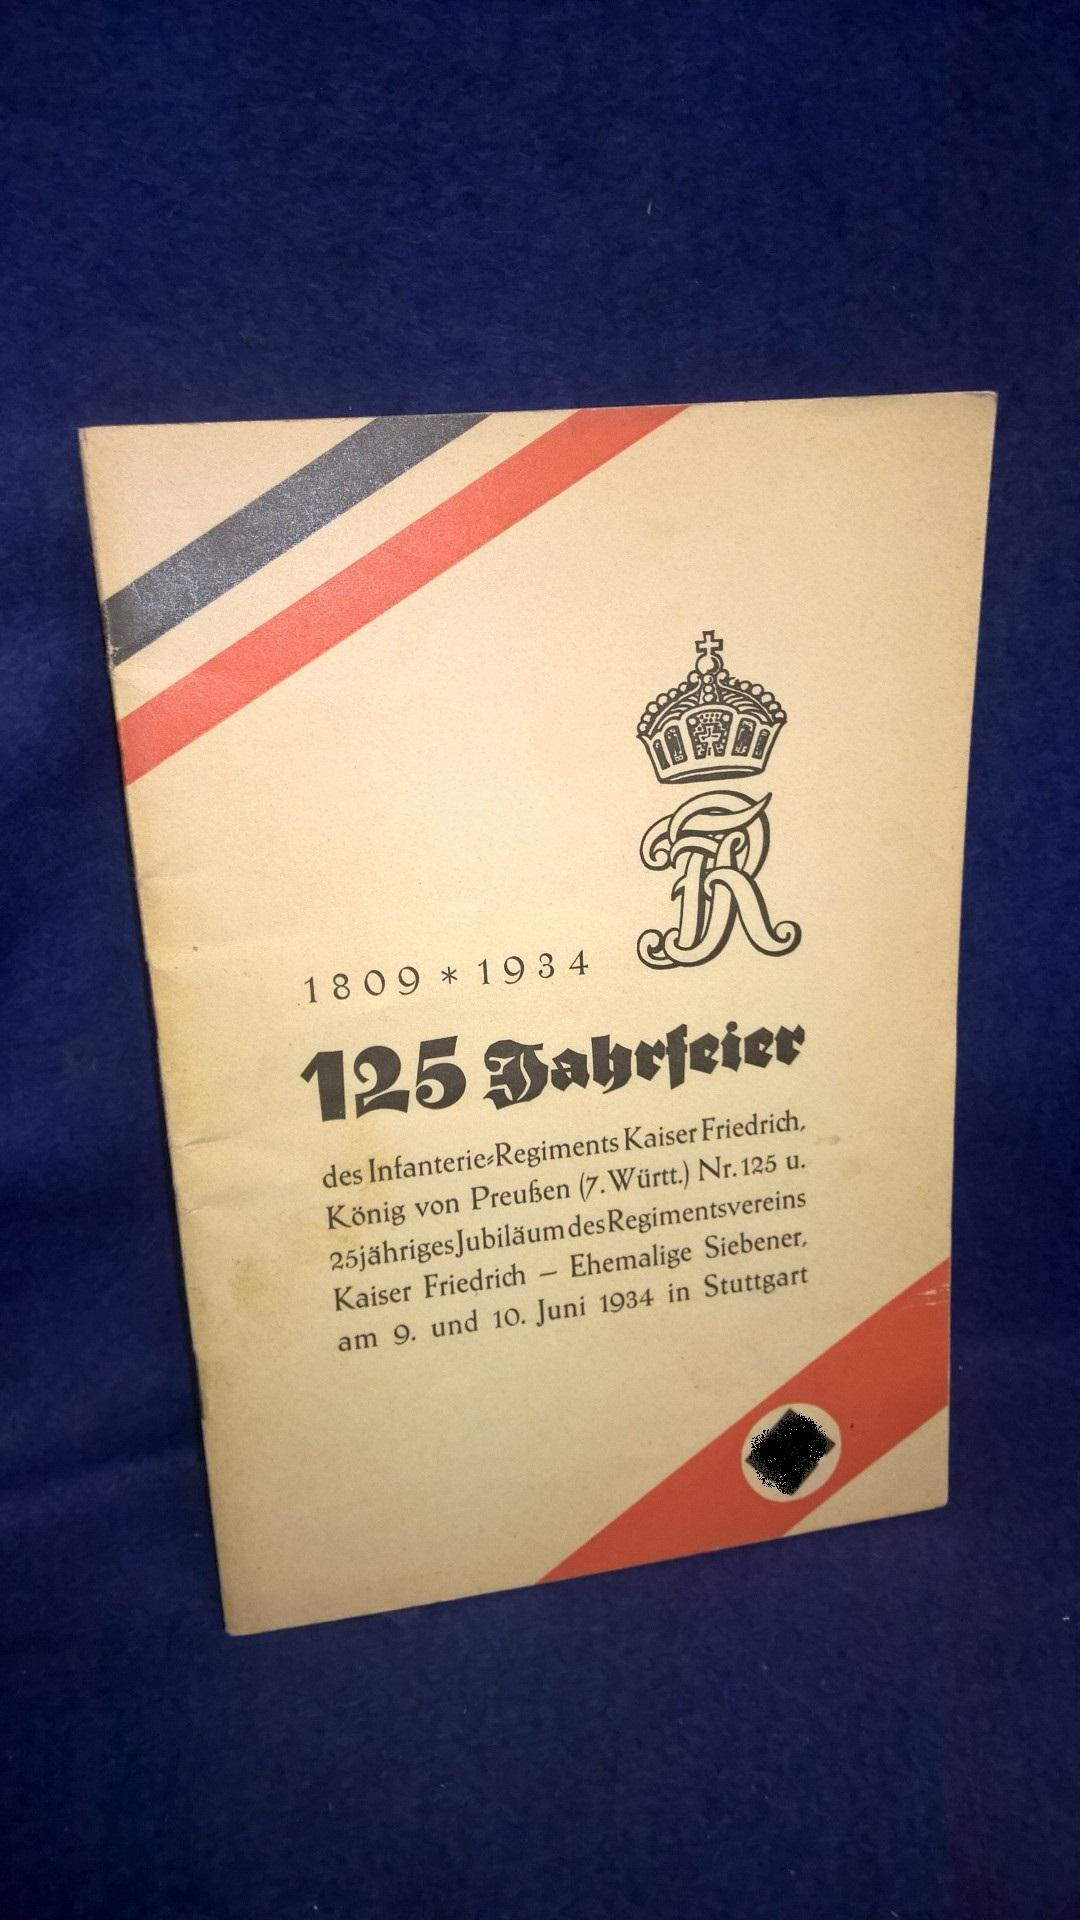 125-Jahrfeier des Infanterie-Regiments Kaiser Friedrich, König von Preußen (7. Württembergisches) Nr. 125 und 25jähriges Jubiläum des Regimentsvereins Kaiser Friedrich-Ehemalige Siebener. am 9. und 10. Juni 1934 in Stuttgart.